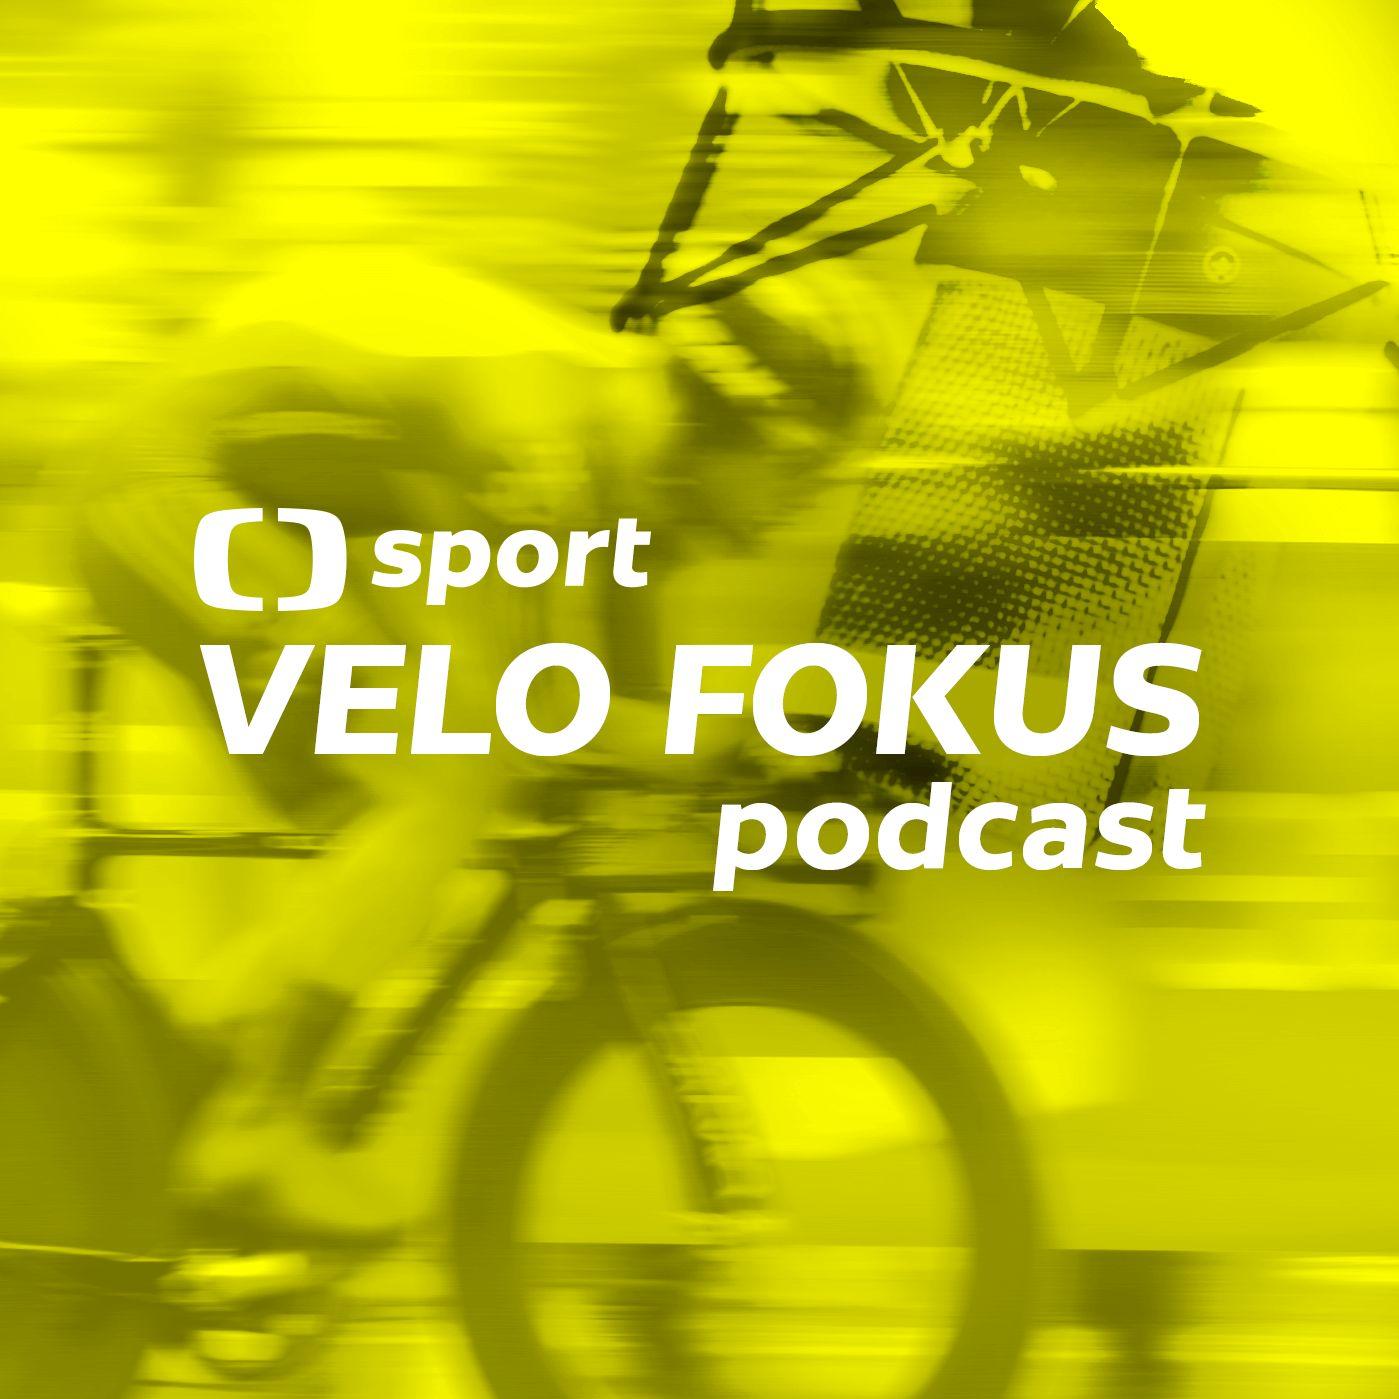 Velo fokus podcast: Kdo zazáří na cyklokrosovém šampionátu?